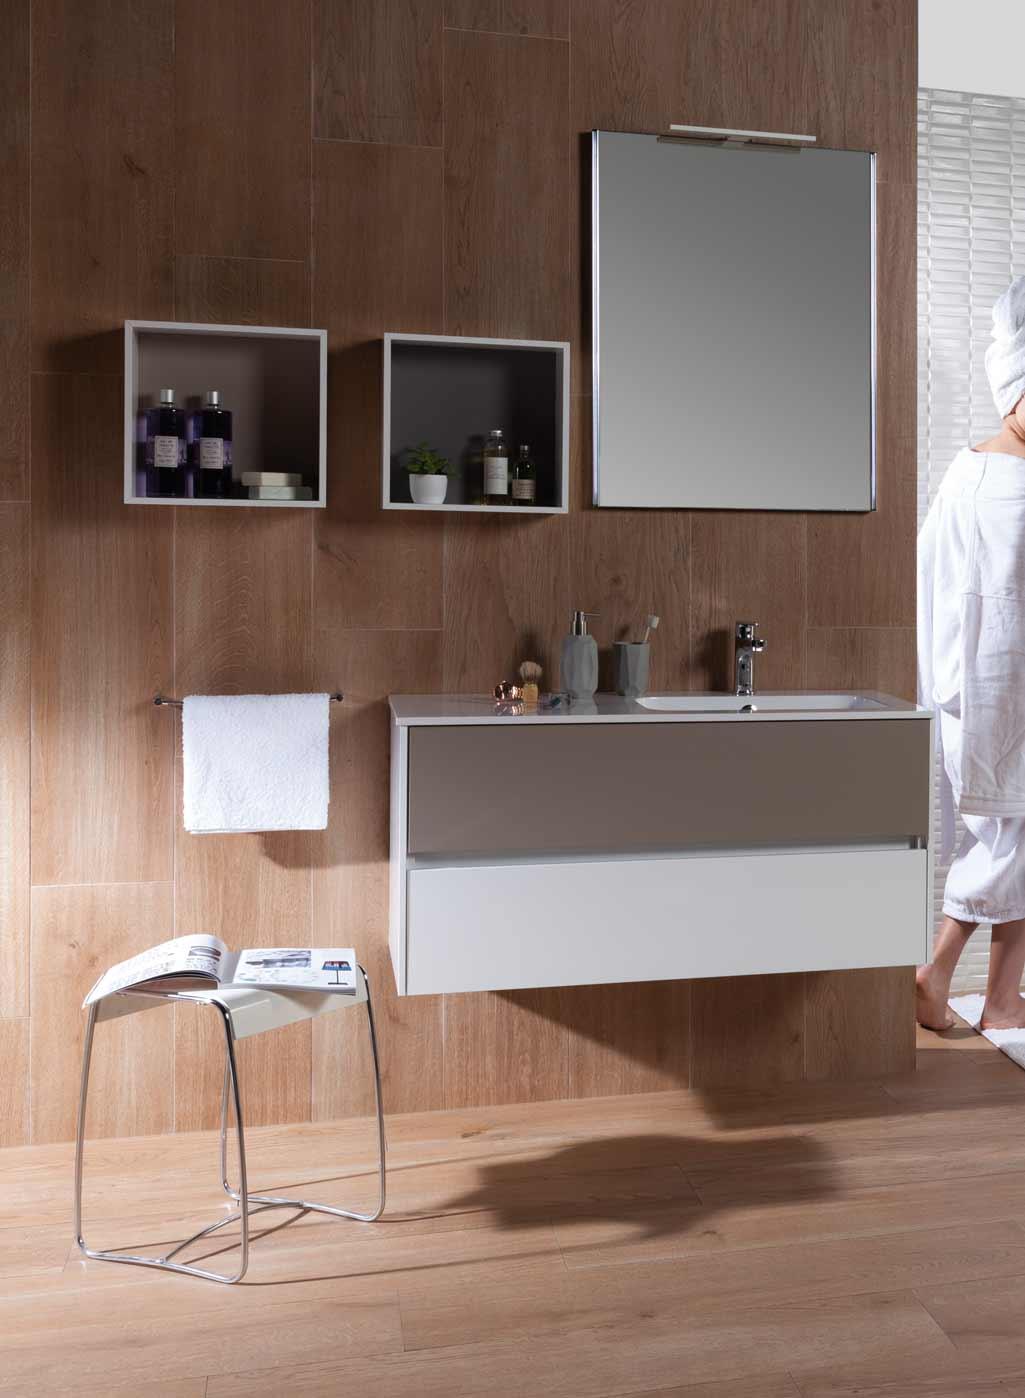 MueblesauxiliaresZOOMcubosmarrones en baño con pared revestida de